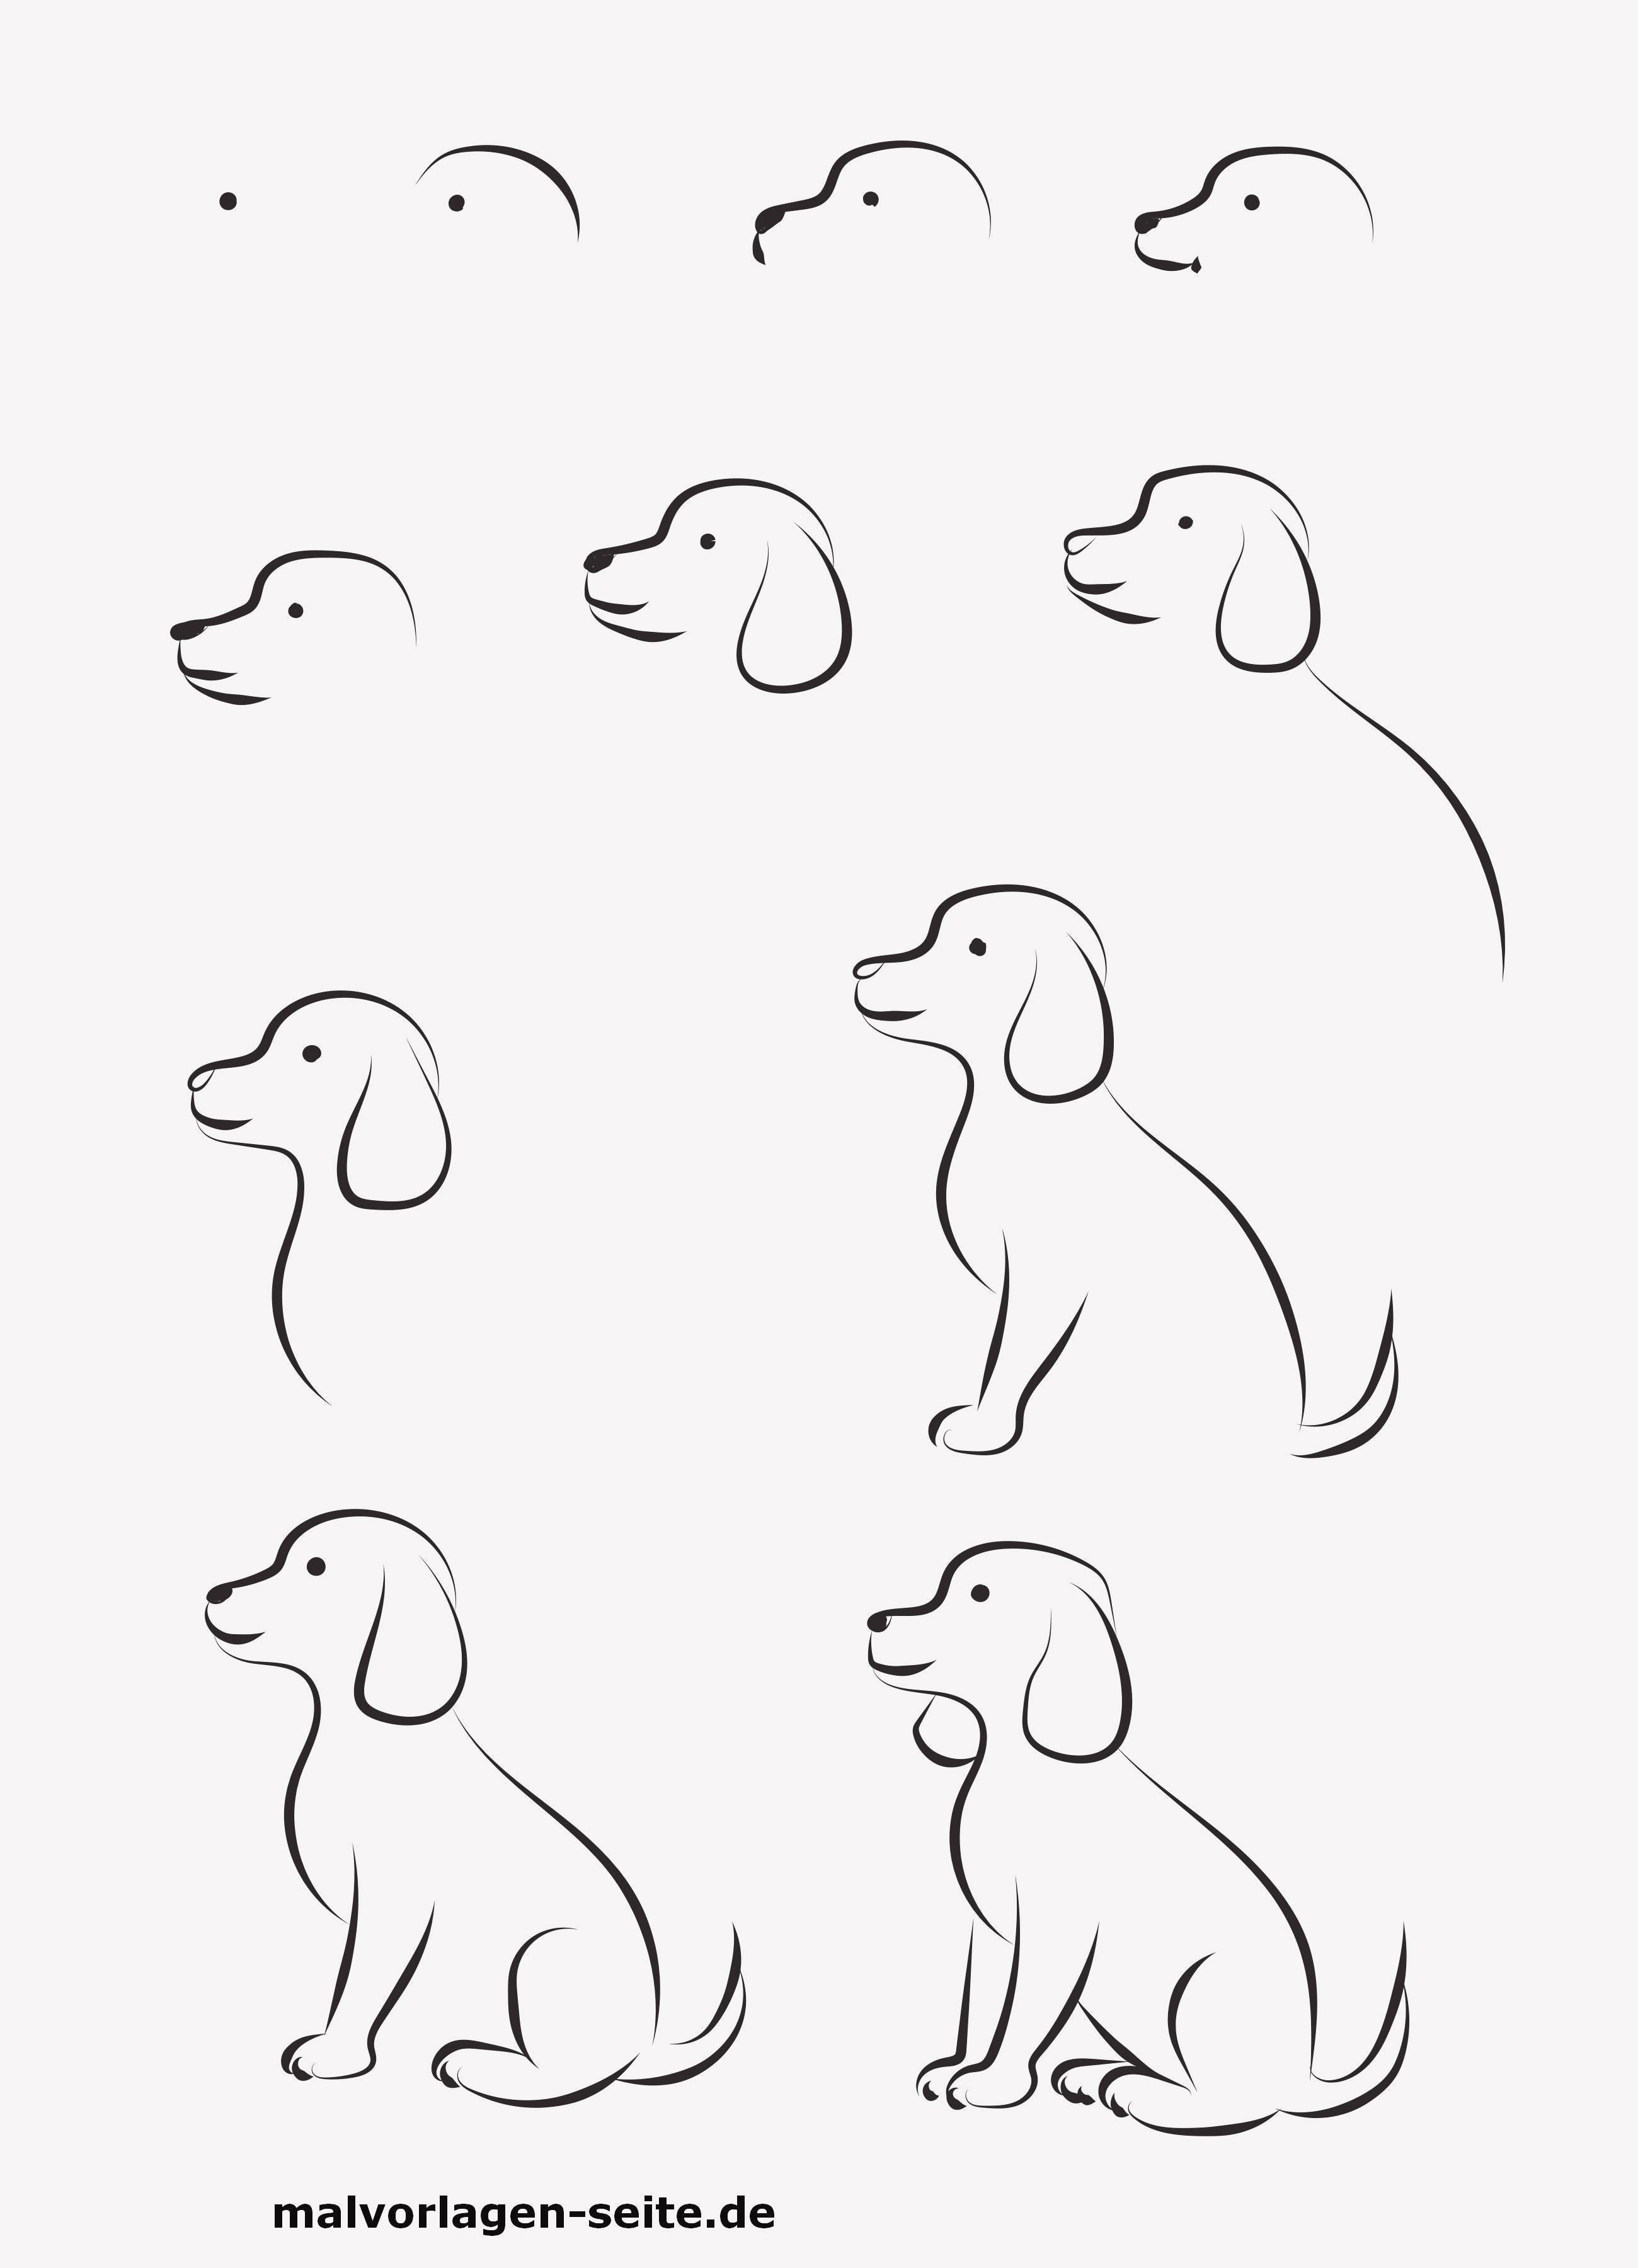 Ausmalbilder Hunde Das Beste Von Ausmalbild Hund Ausmalbilder Kostenlos Bild